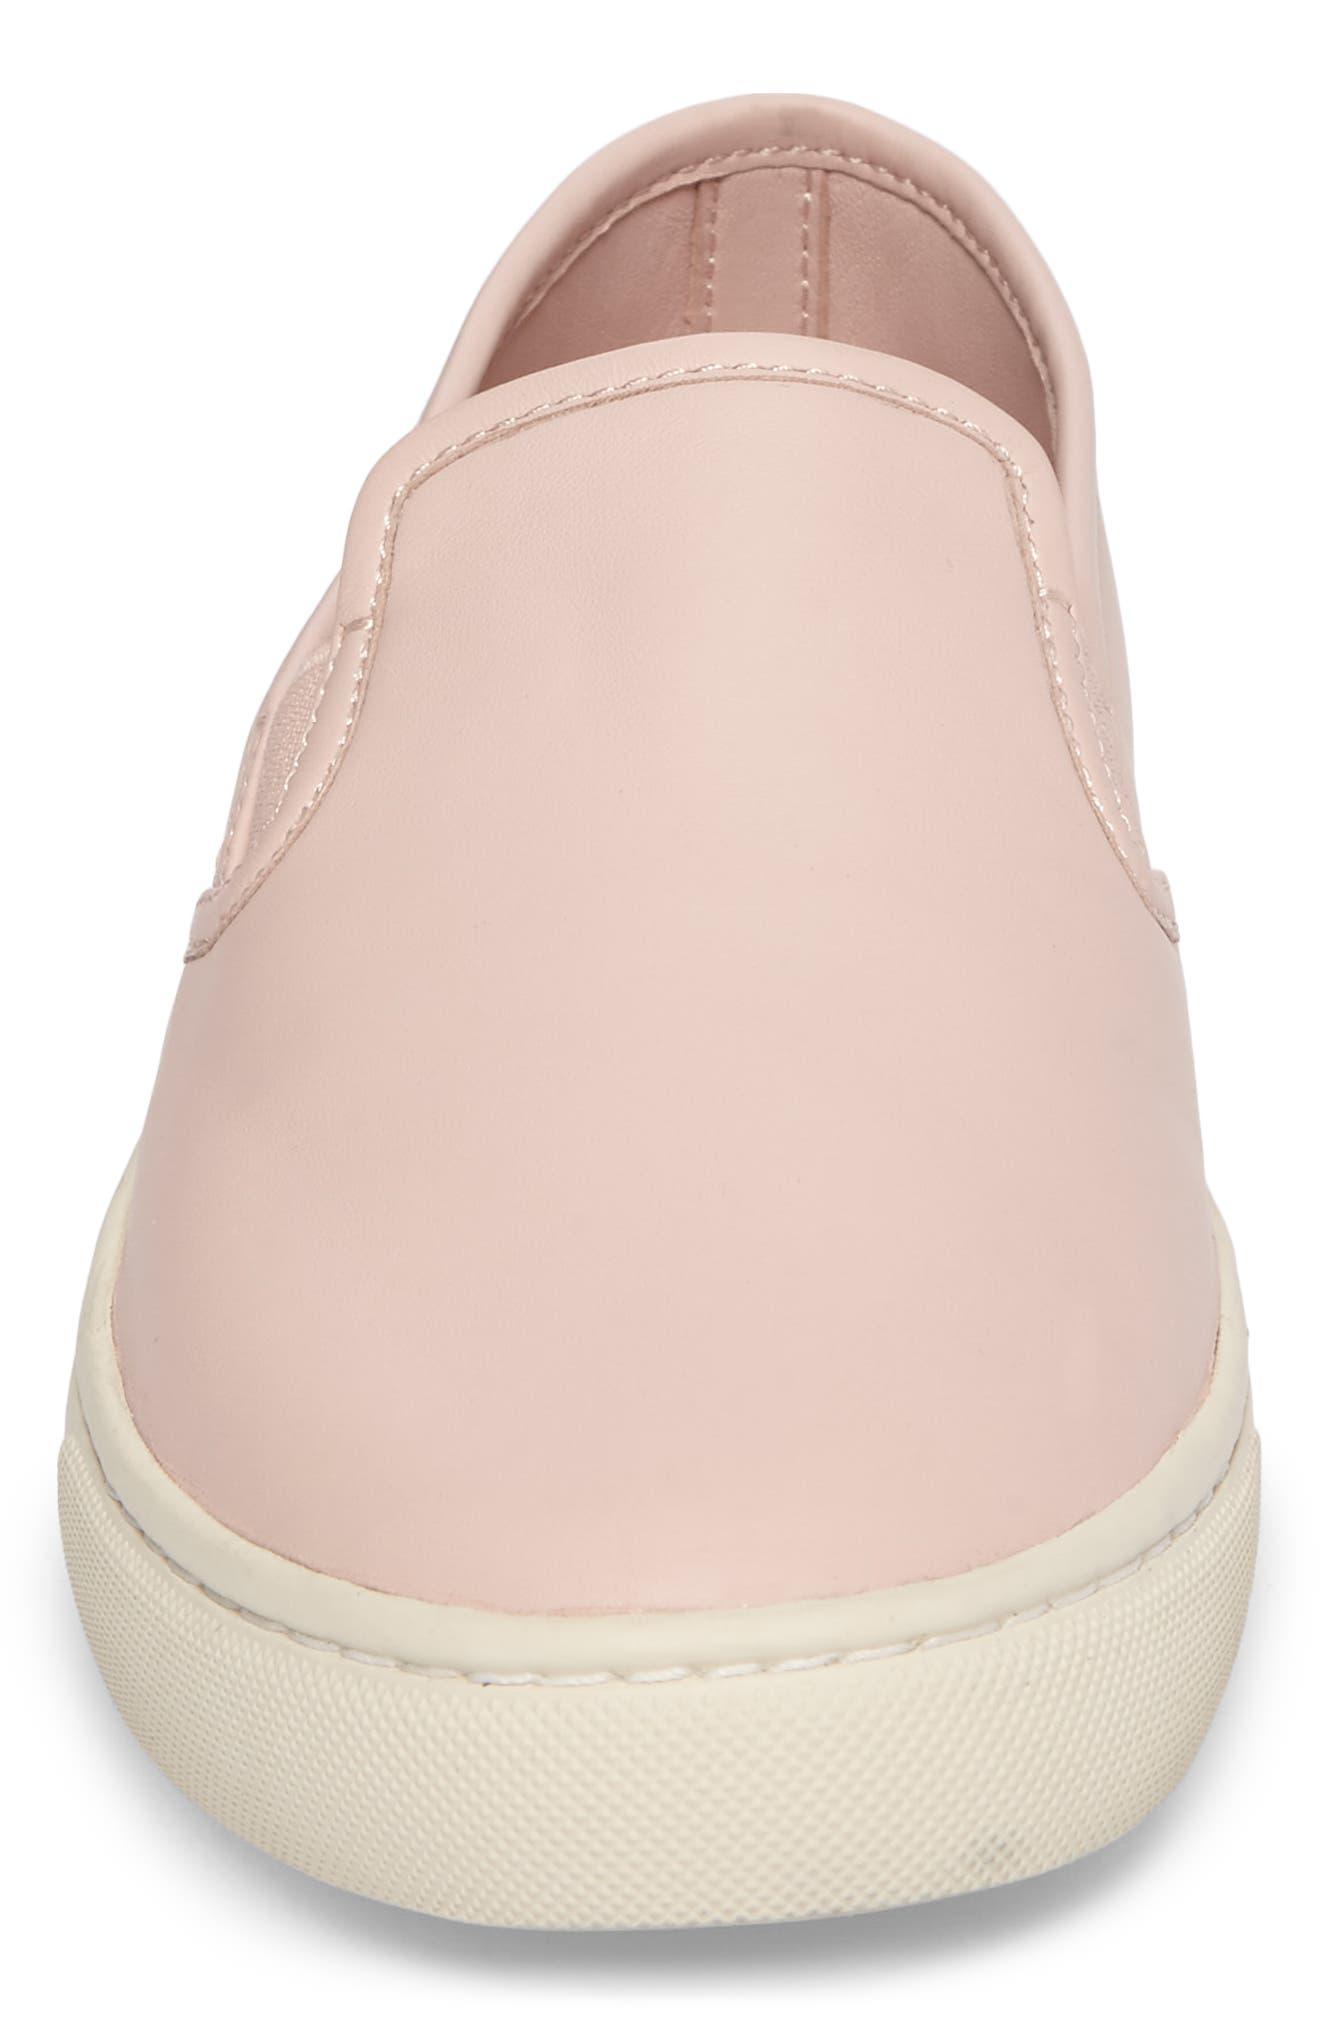 Max Slip-On Sneaker,                             Alternate thumbnail 24, color,